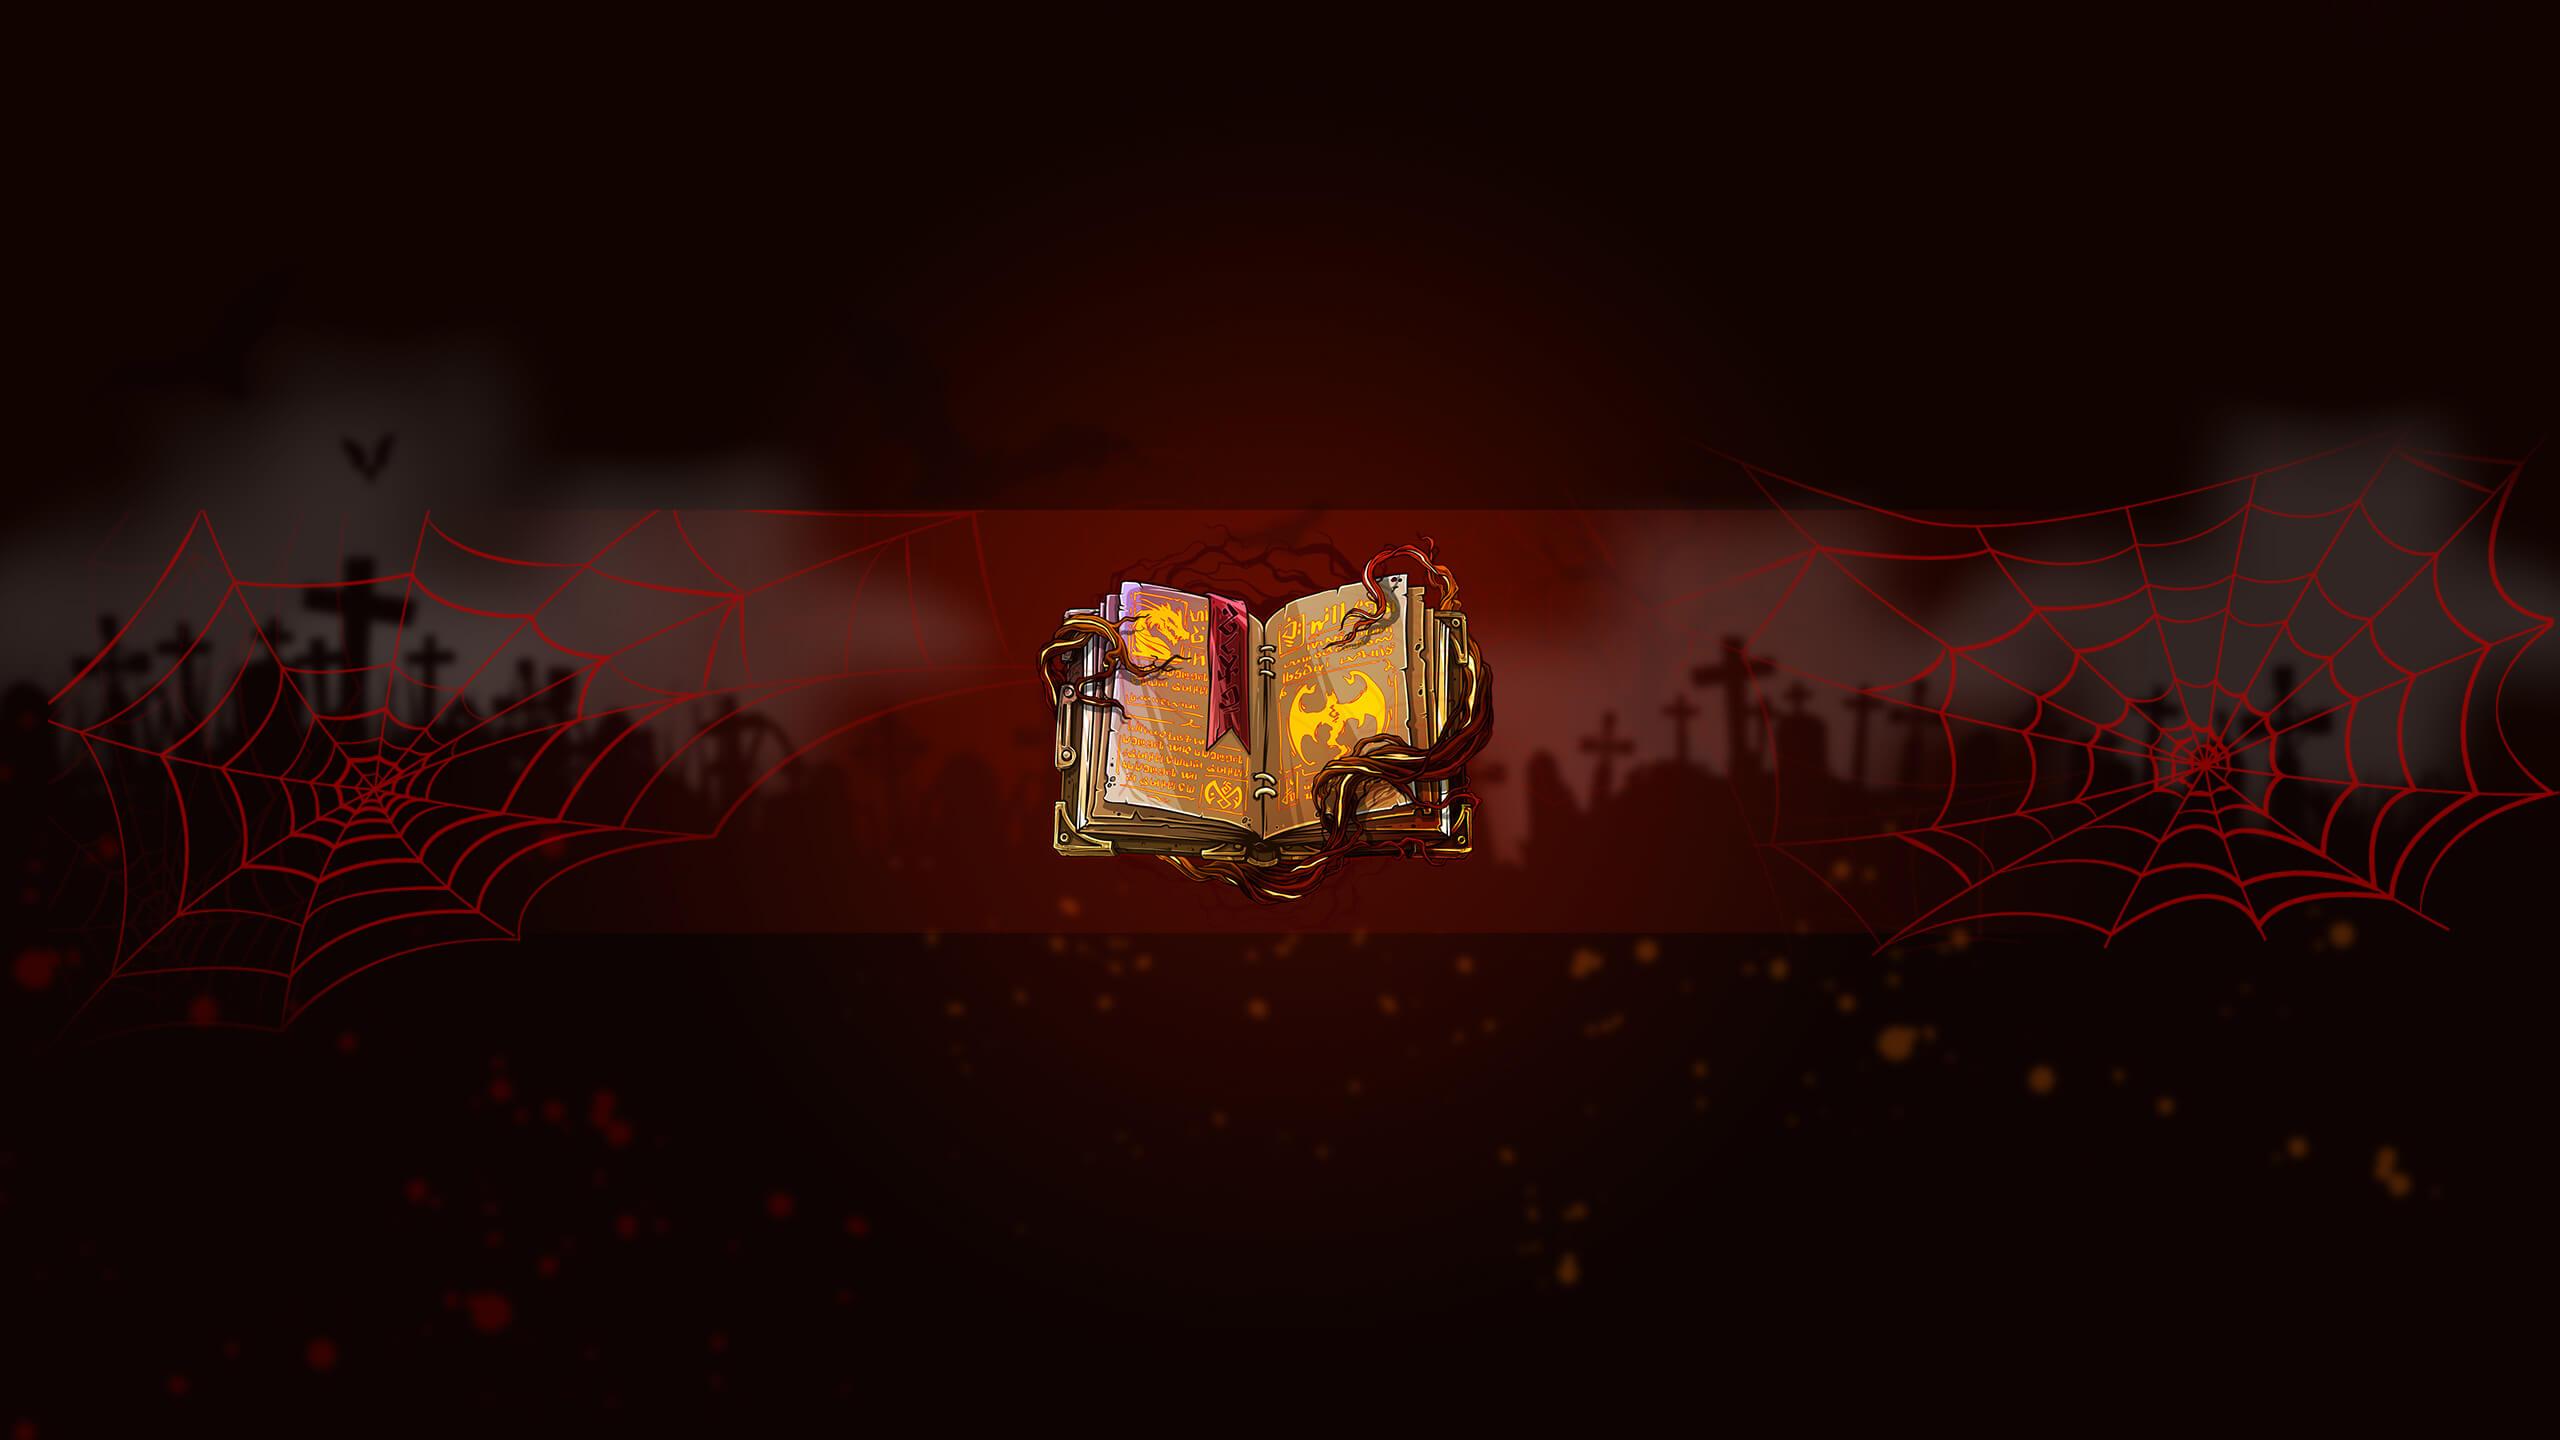 Картинка с книгой заклинаний на бордовом фоне для оформления канала на ютубе.